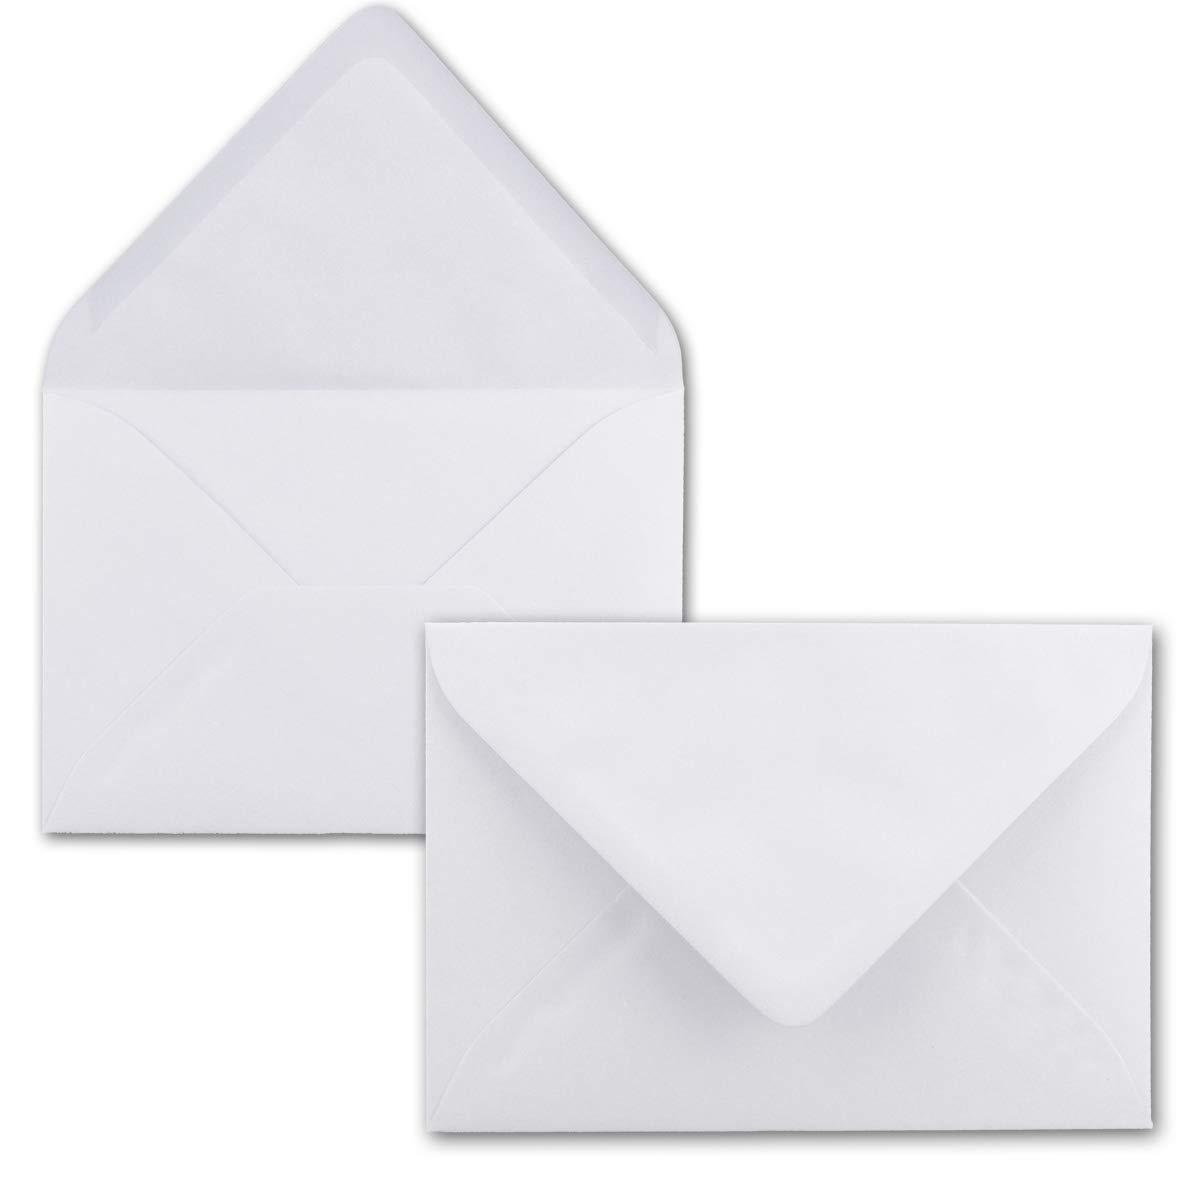 500 Mini Brief-Umschläge - Hell-Blau - 5,2 x 7,6 7,6 7,6 cm - Miniatur KuGrüns mit Nassklebung für Blaumen-Grüße, Grußkarten, Anhänger & Geld-Geschenke - Gustav Neuser® B07PNJ9ZP5 | Adoptieren  7c9d5b